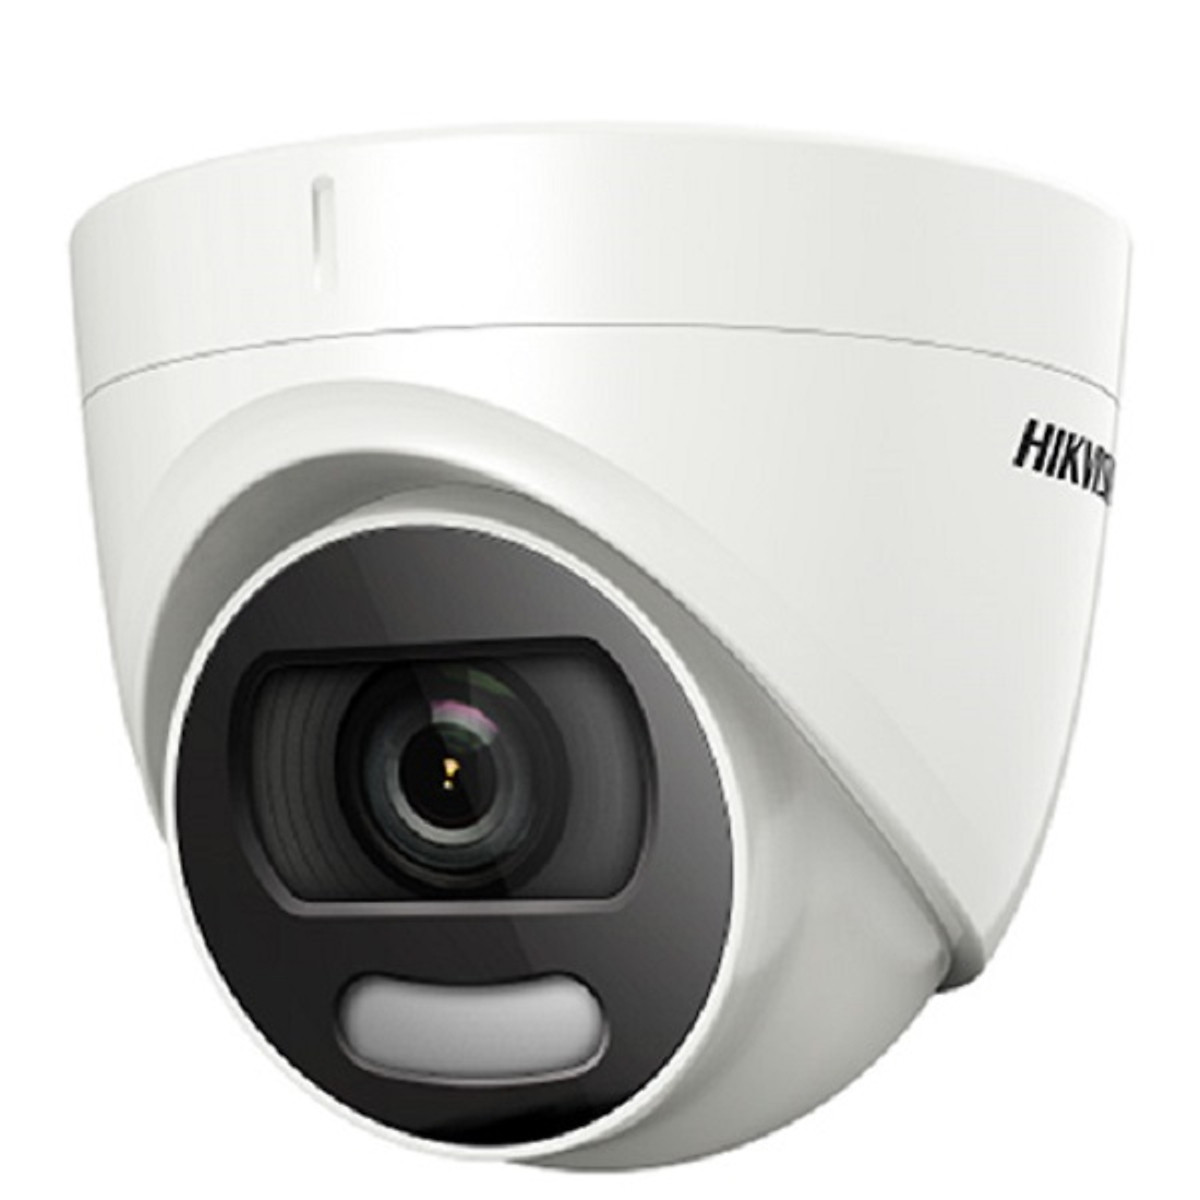 Camera HD-TVI Colorvu Dome Hồng Ngoại 2MP HIKVISION DS-2CE72DFT-F – Hàng Chính Hãng